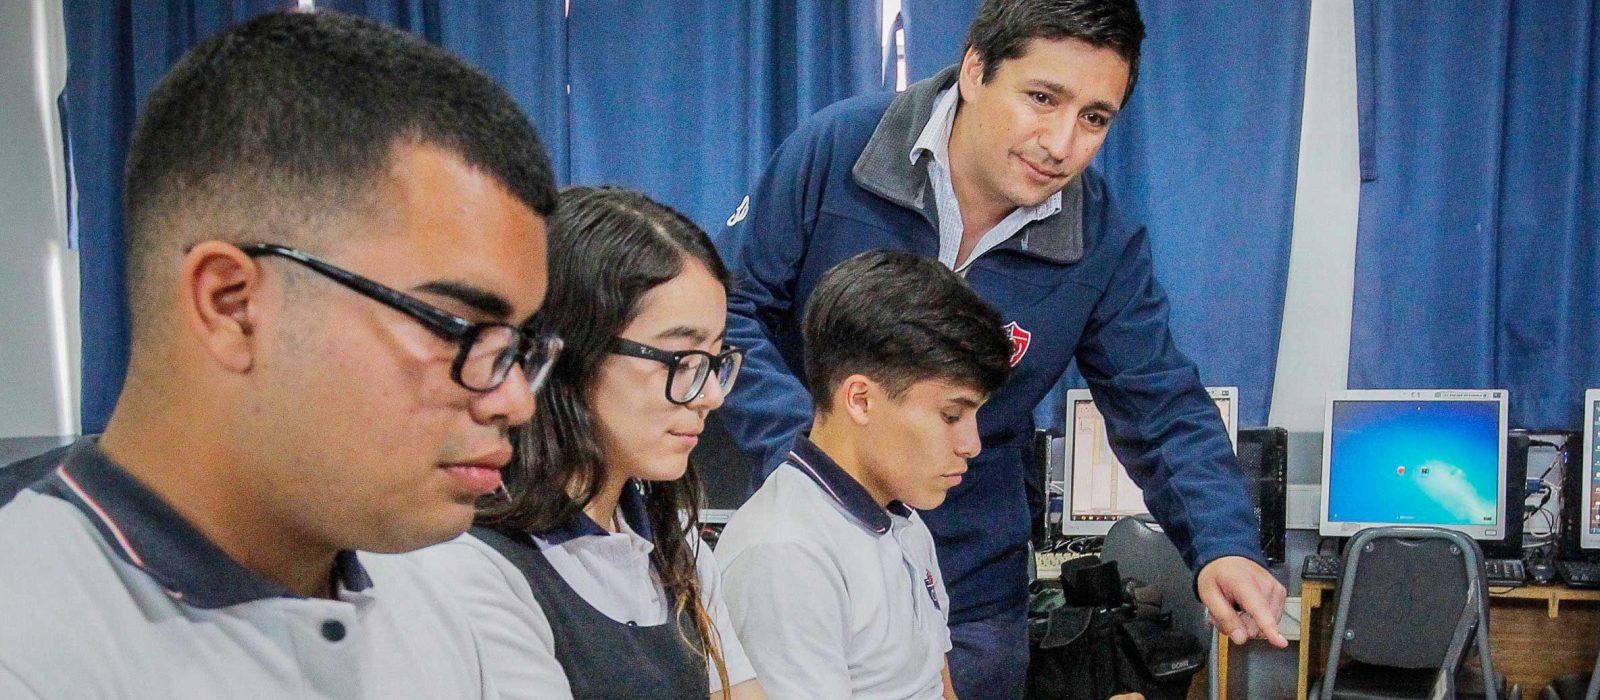 Las tecnologías impactan el aprendizaje